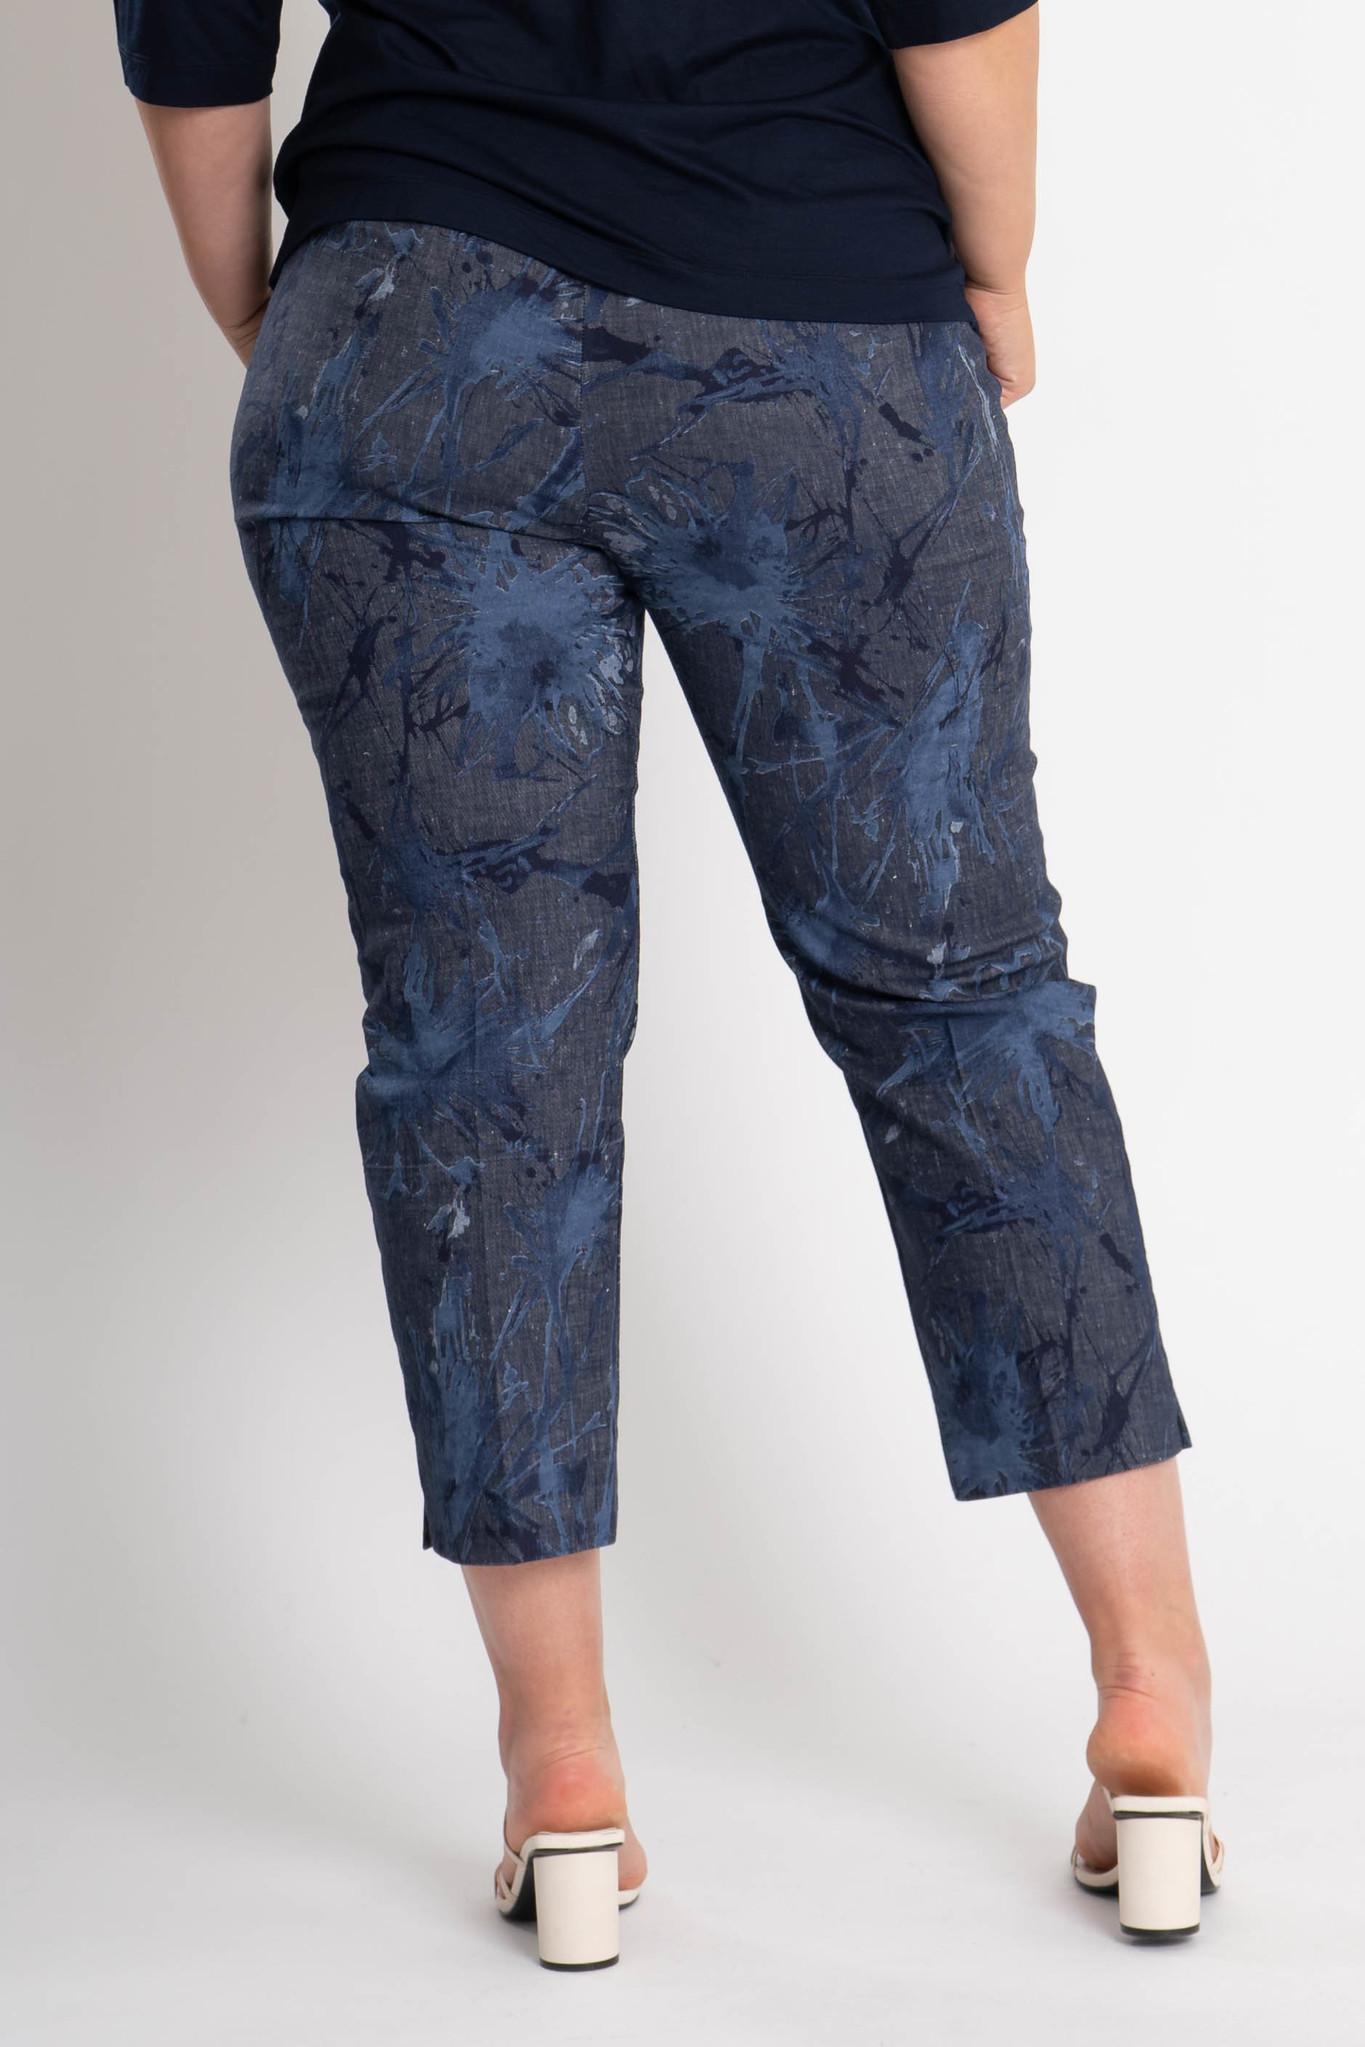 TAKI Trousers in Linen-3